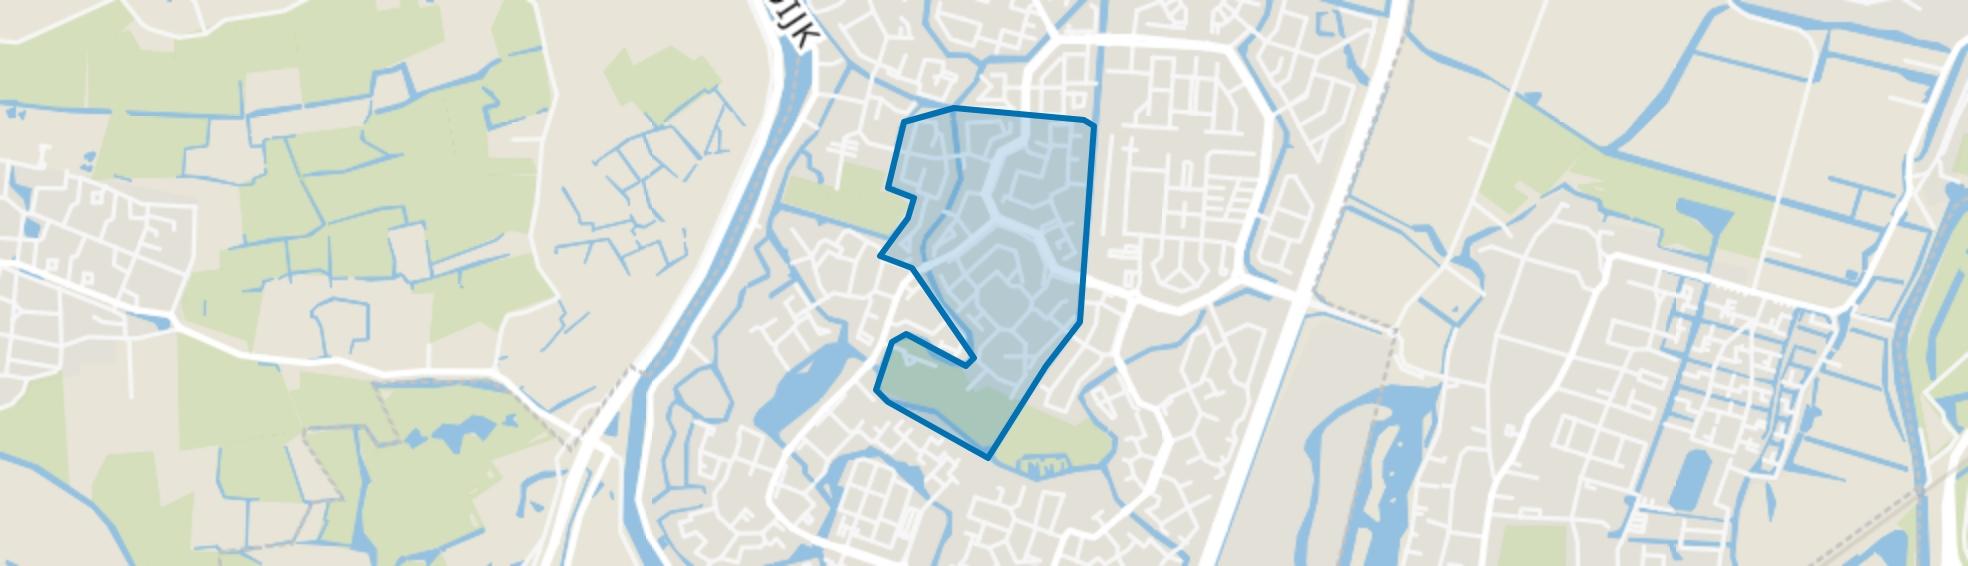 Daalmeer-Zuidwest, Alkmaar map